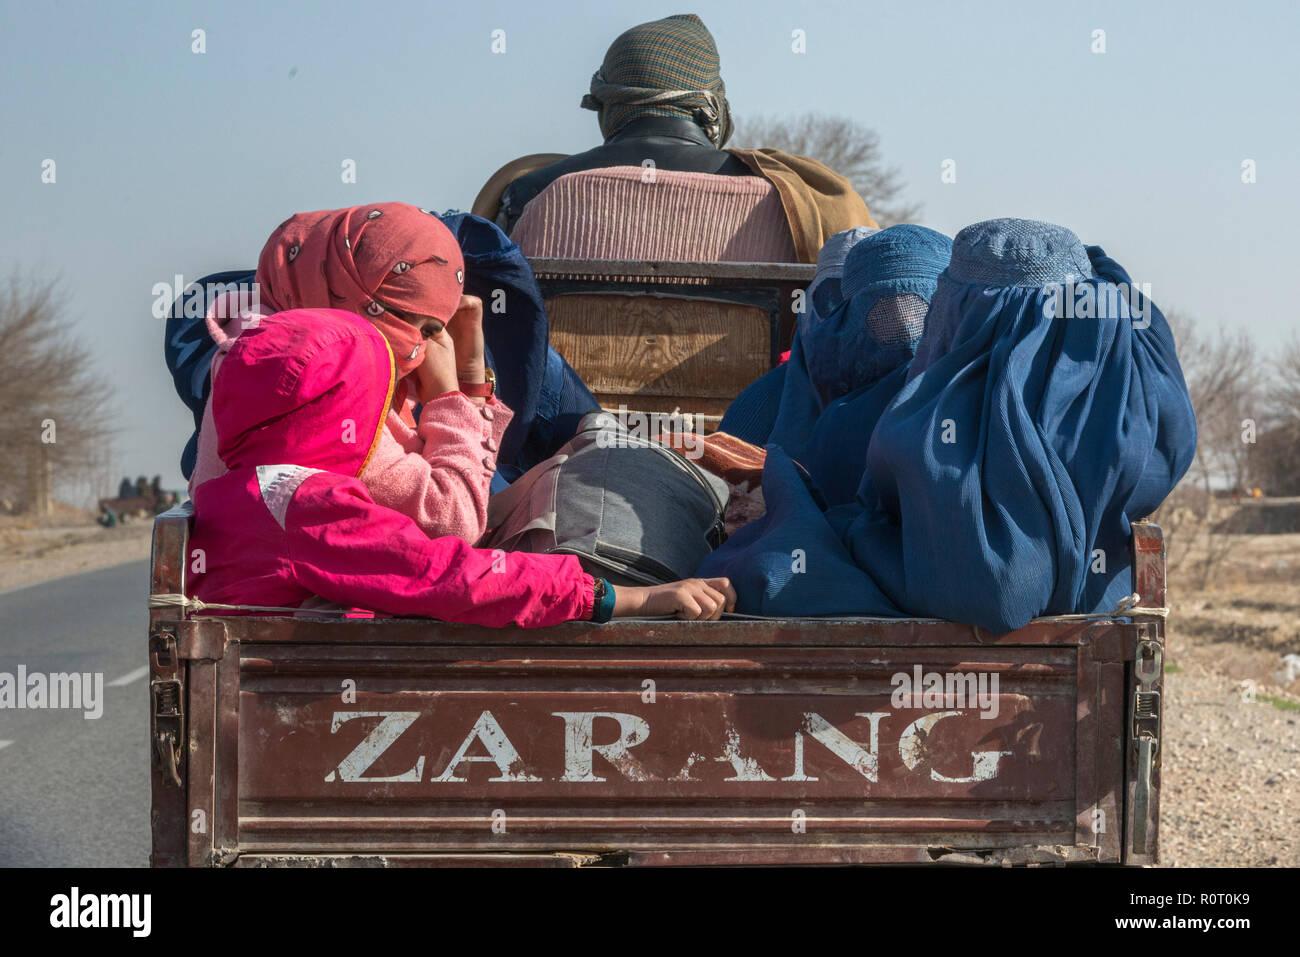 Le donne Lo Shopping con tradizionale burqa, Balkh provincia nord Afghanistan Immagini Stock